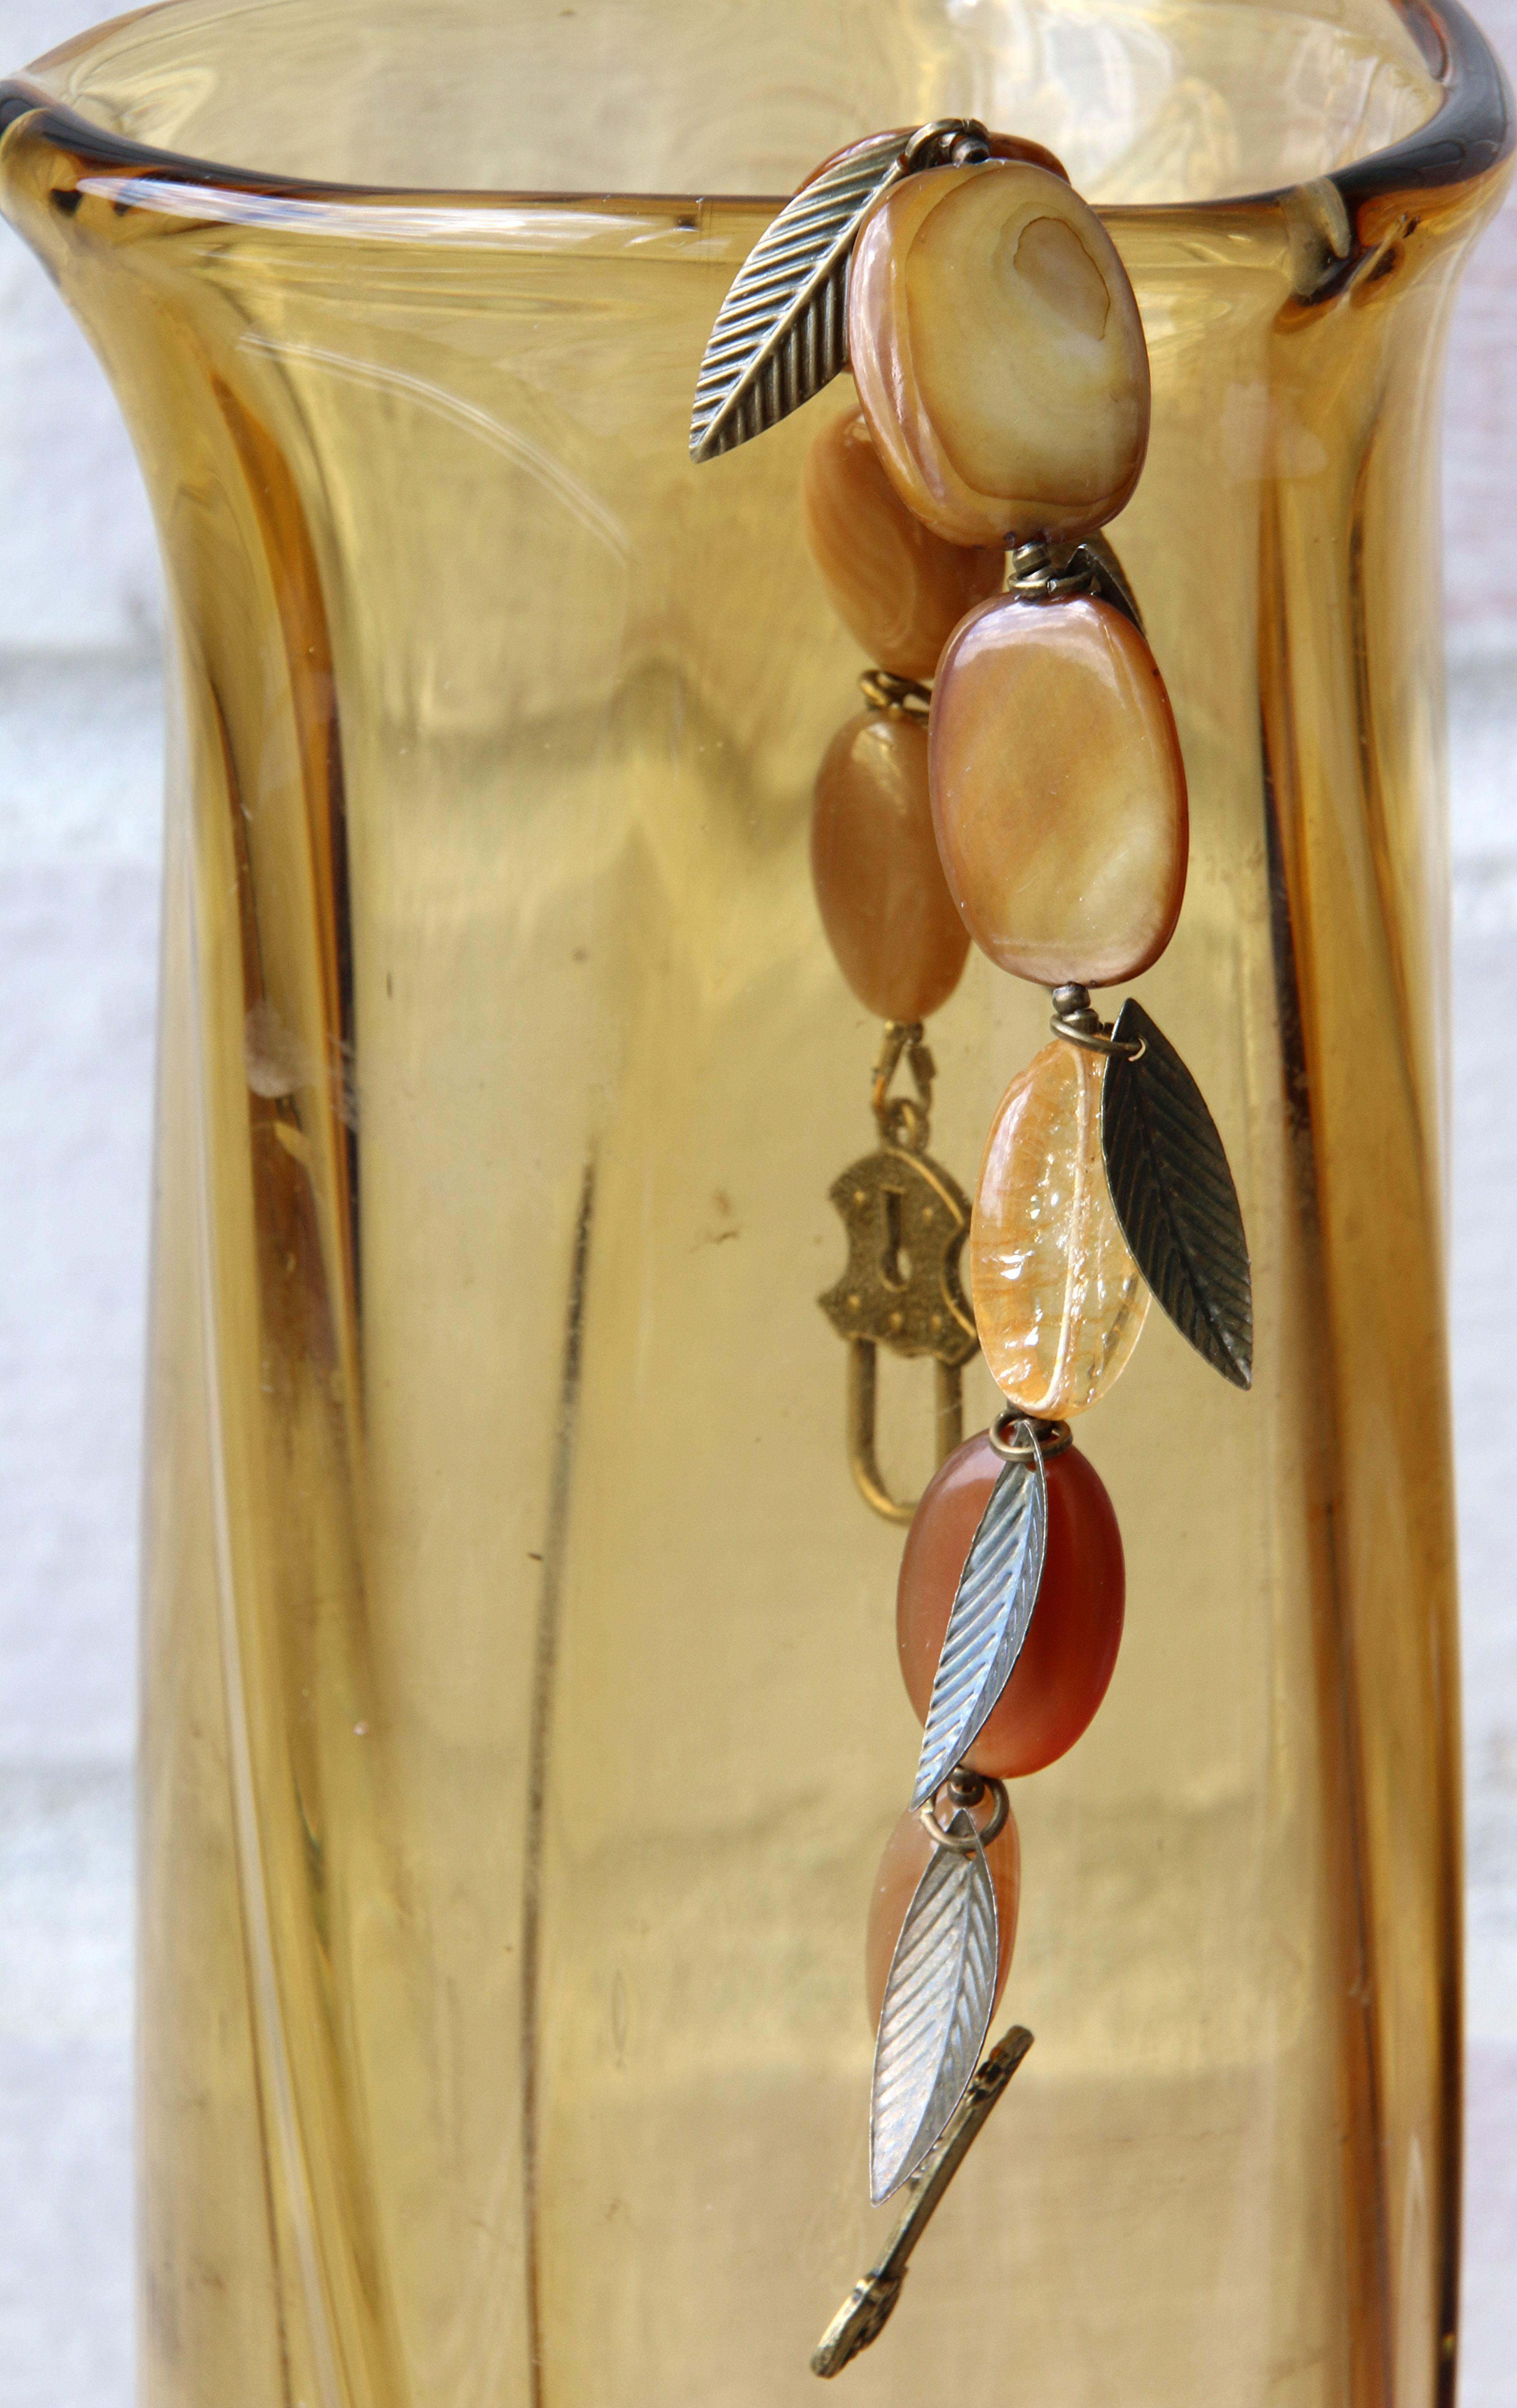 овальный золотистый браслет бронзовый на коричневый солнечный осенний оливковое руку украшения натуральные